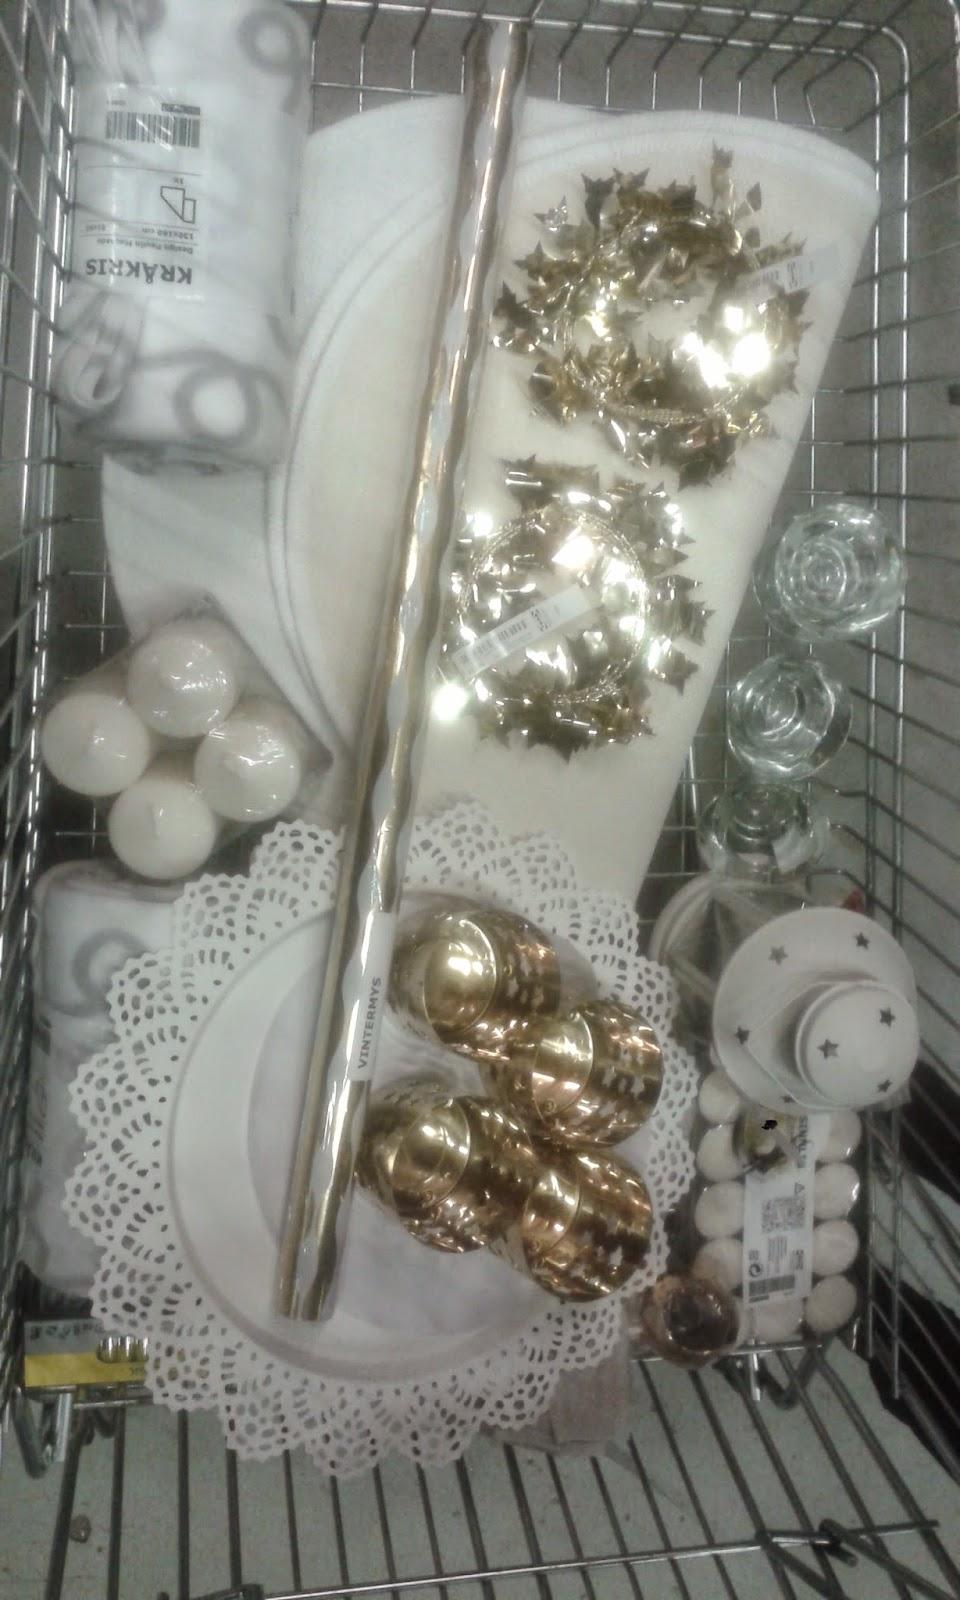 cary makeup acquisti natalizi da ikea decorare la casa per le feste. Black Bedroom Furniture Sets. Home Design Ideas